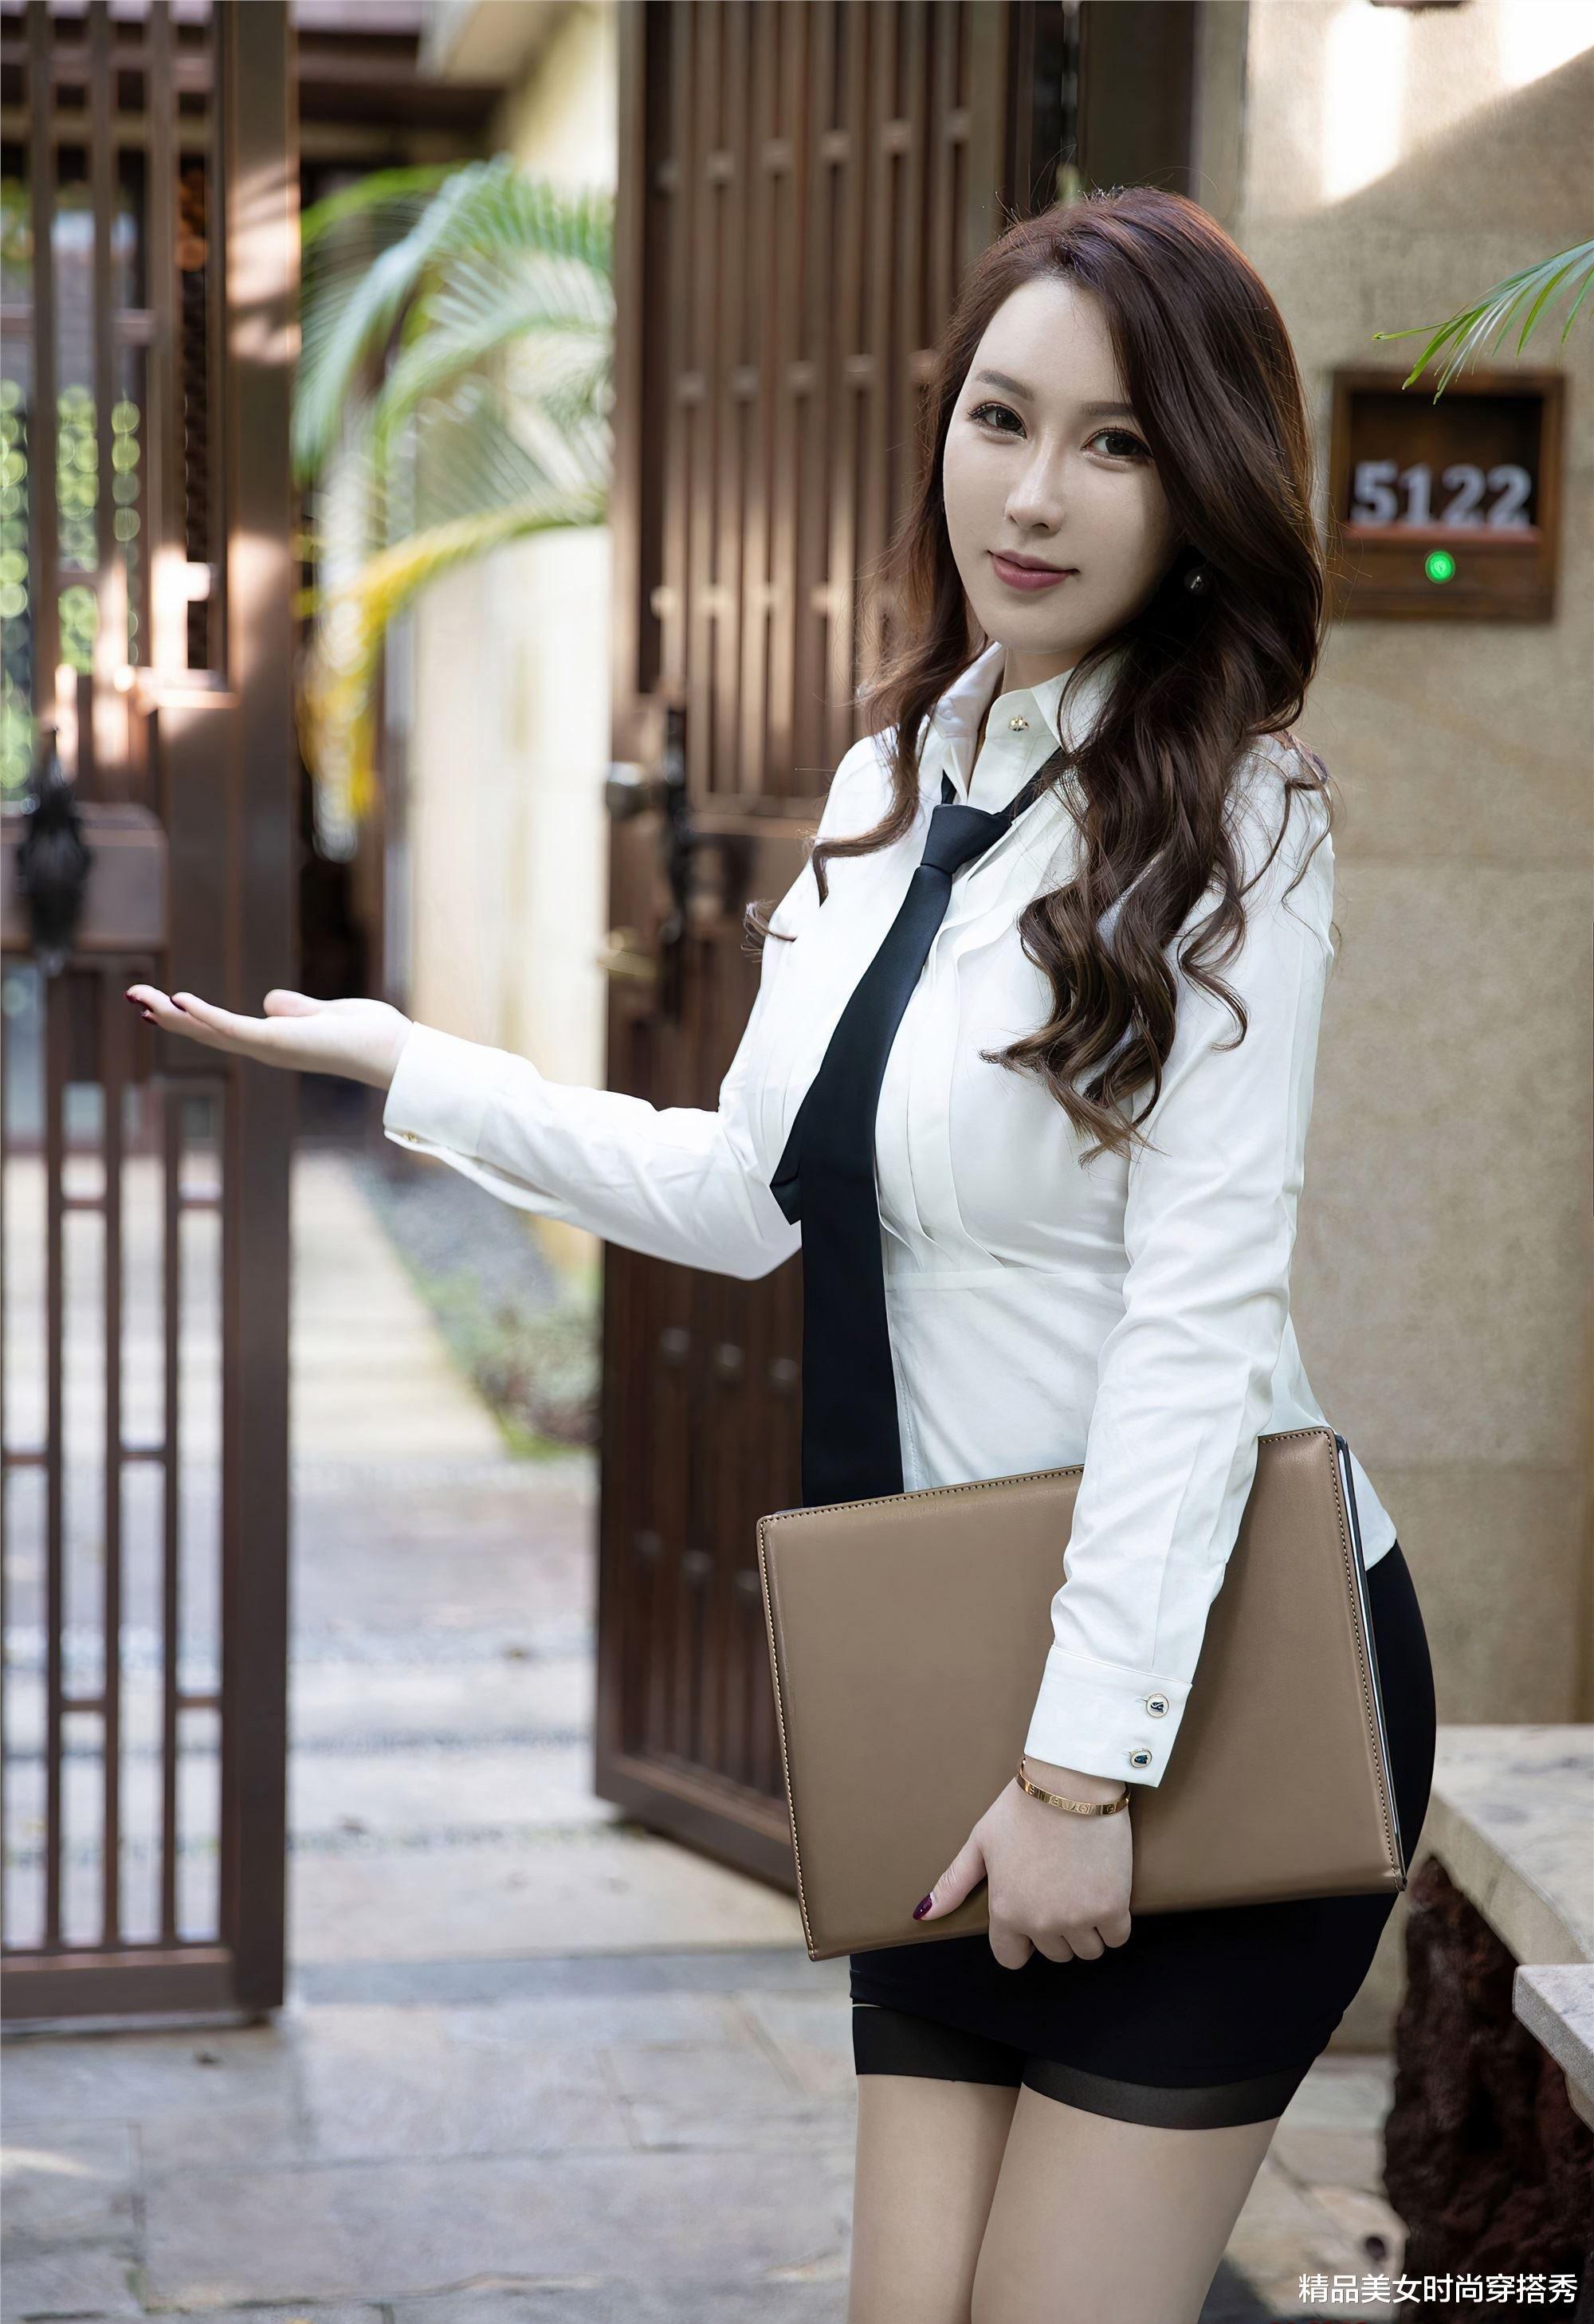 玉人姐姐穿白衬衫,第一眼就给人一种英姿飒爽的视觉_网易娱乐新闻